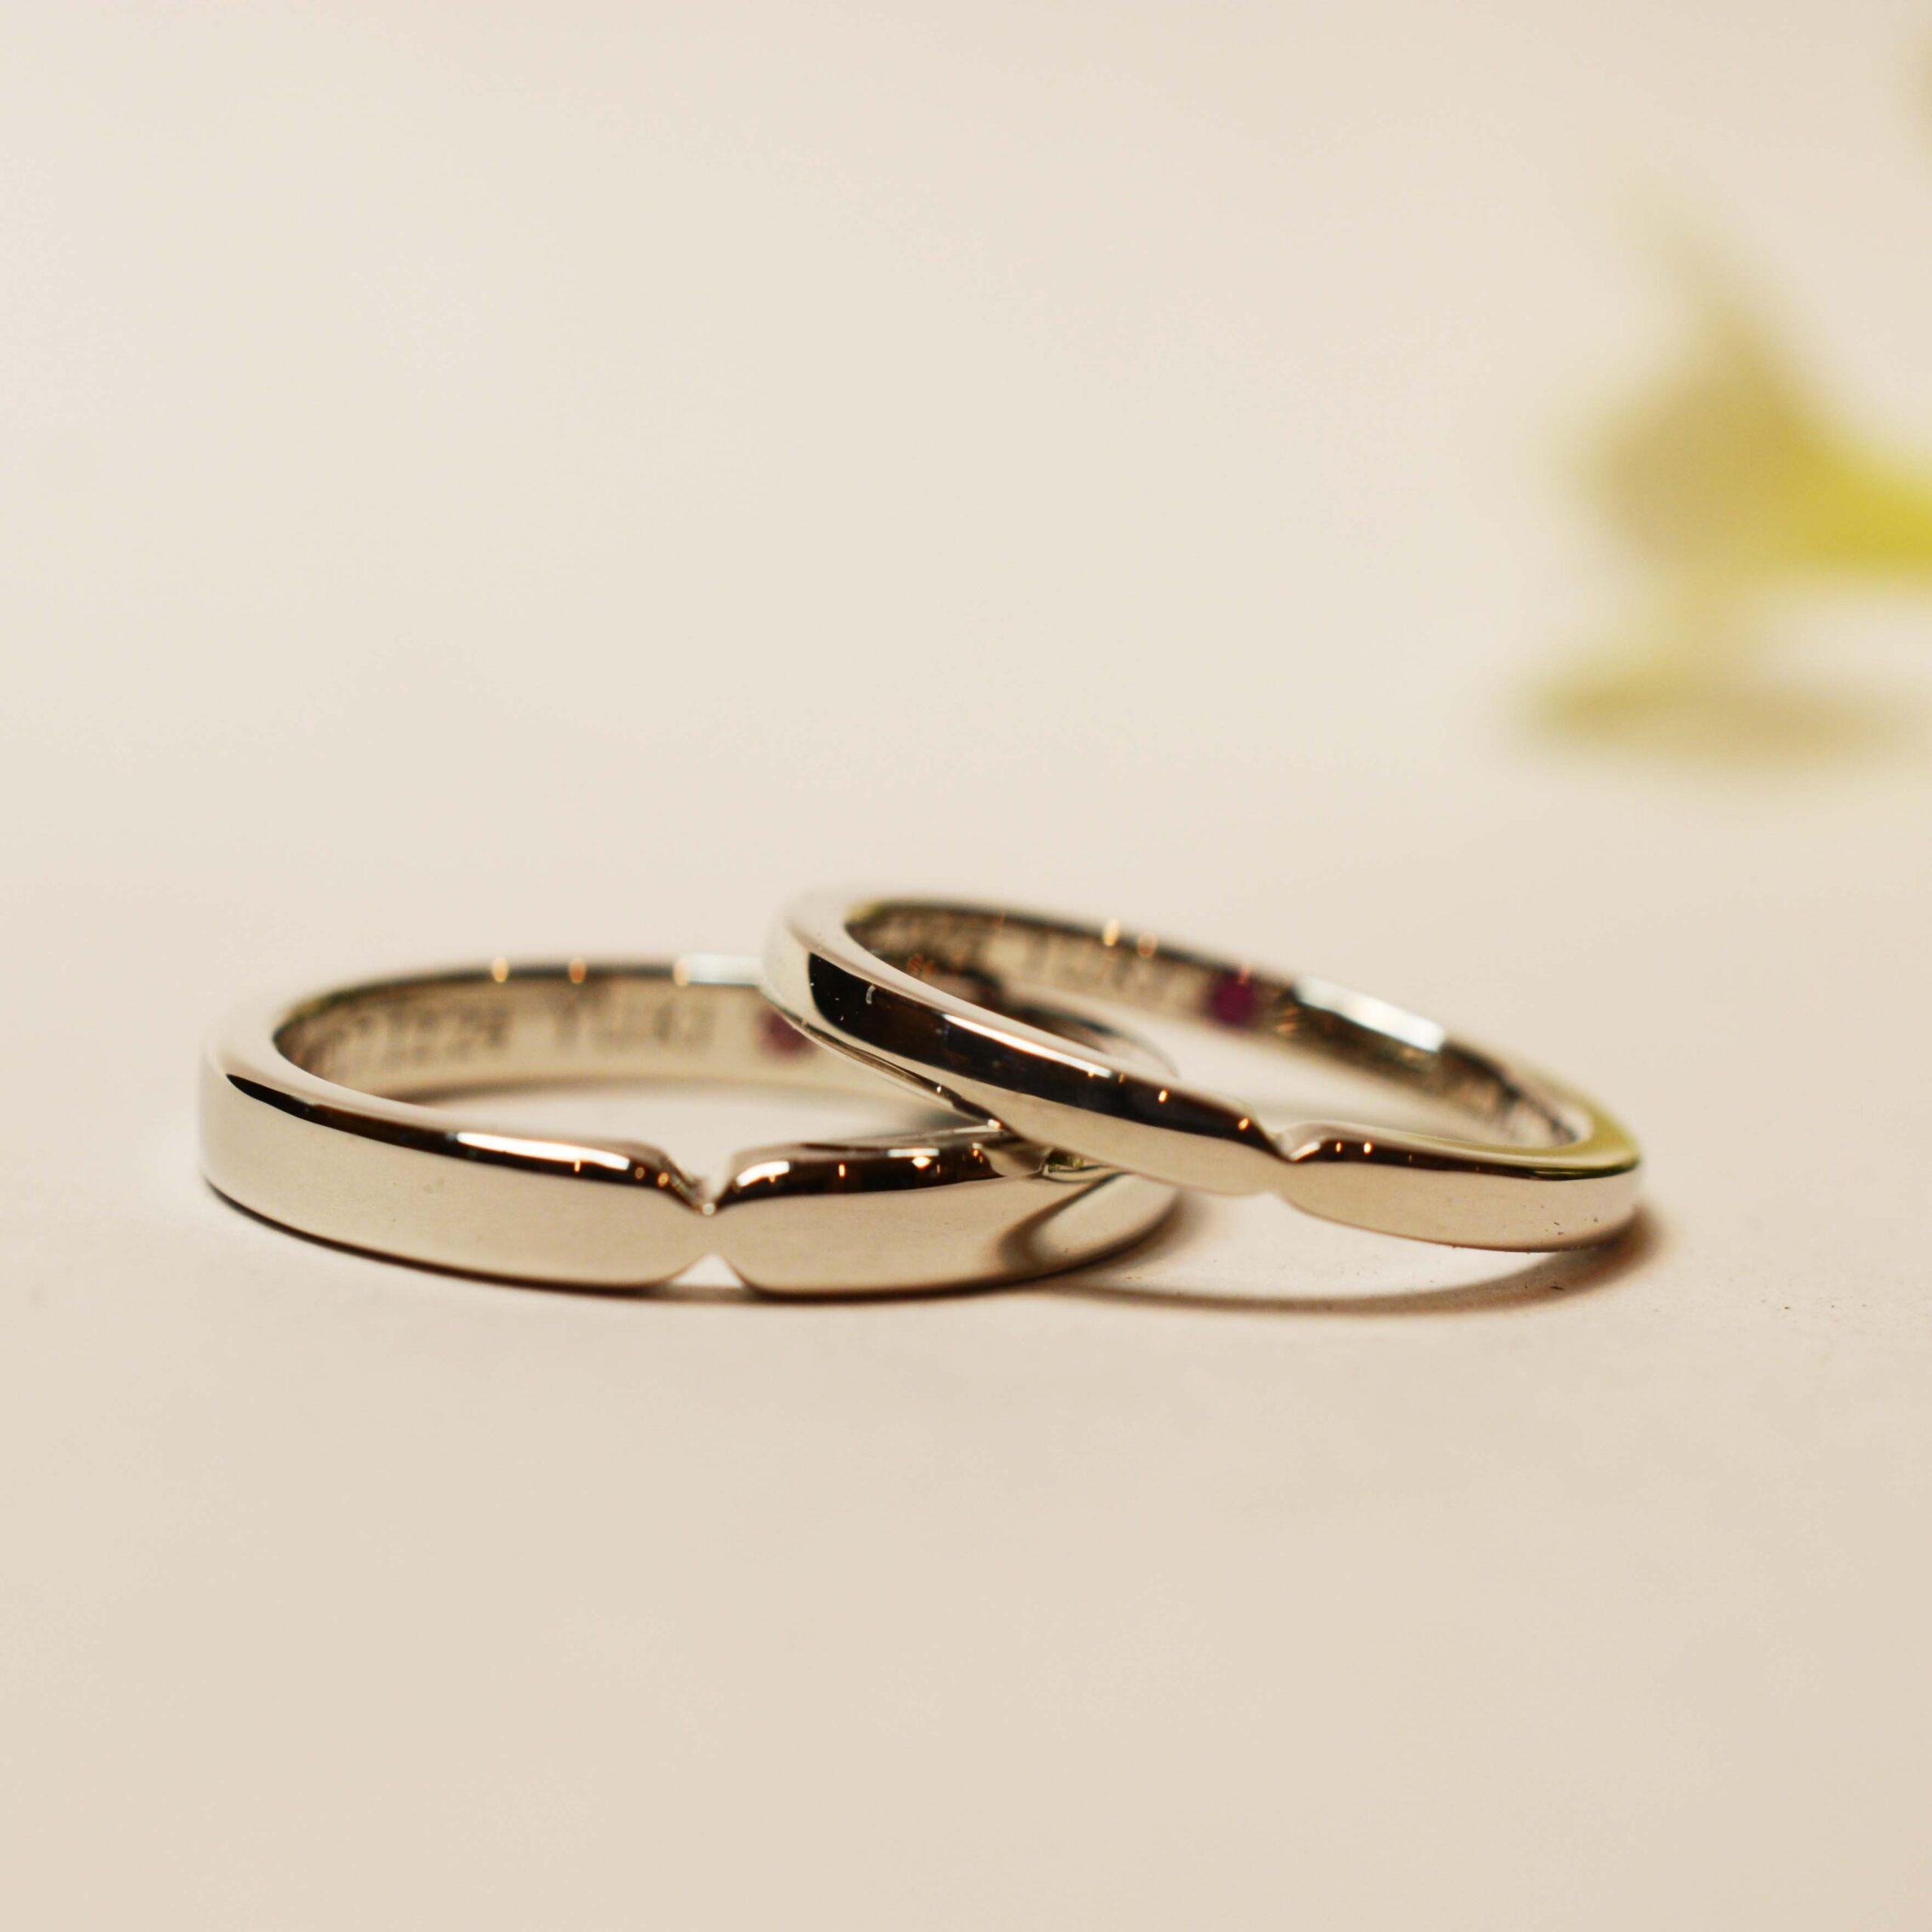 【手作り結婚指輪プレミアムコース】 H様カップル